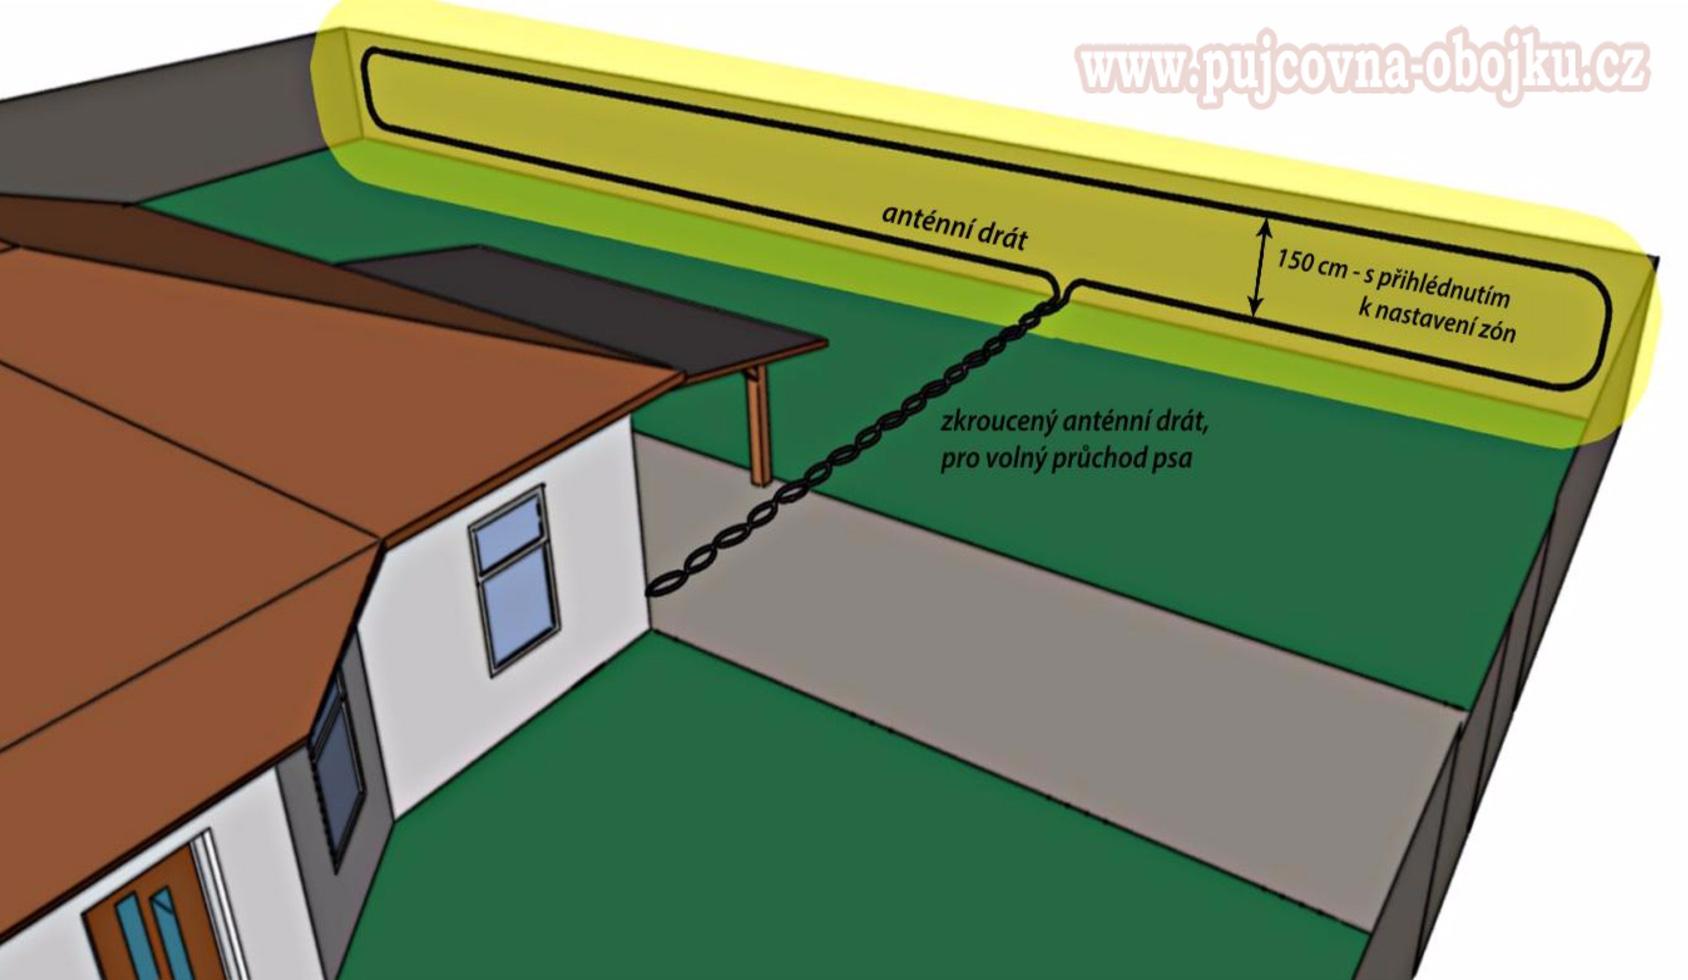 Pokročilé možnosti instalace neviditelného plotu D-fence